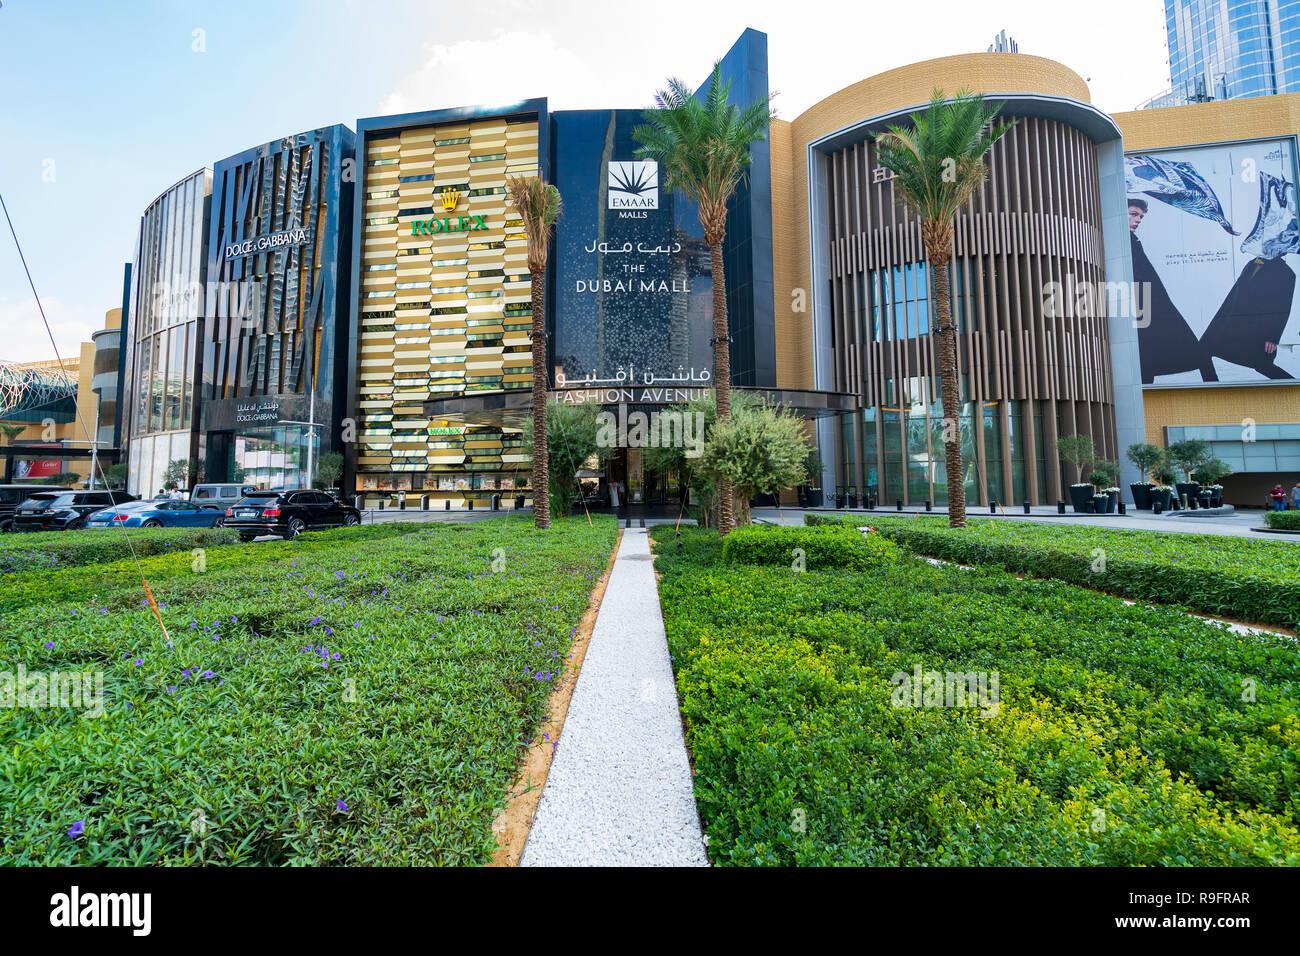 Exterior of Dubai Mall Fashion Avenue , Downtown Dubai, United Arab Emirates - Stock Image